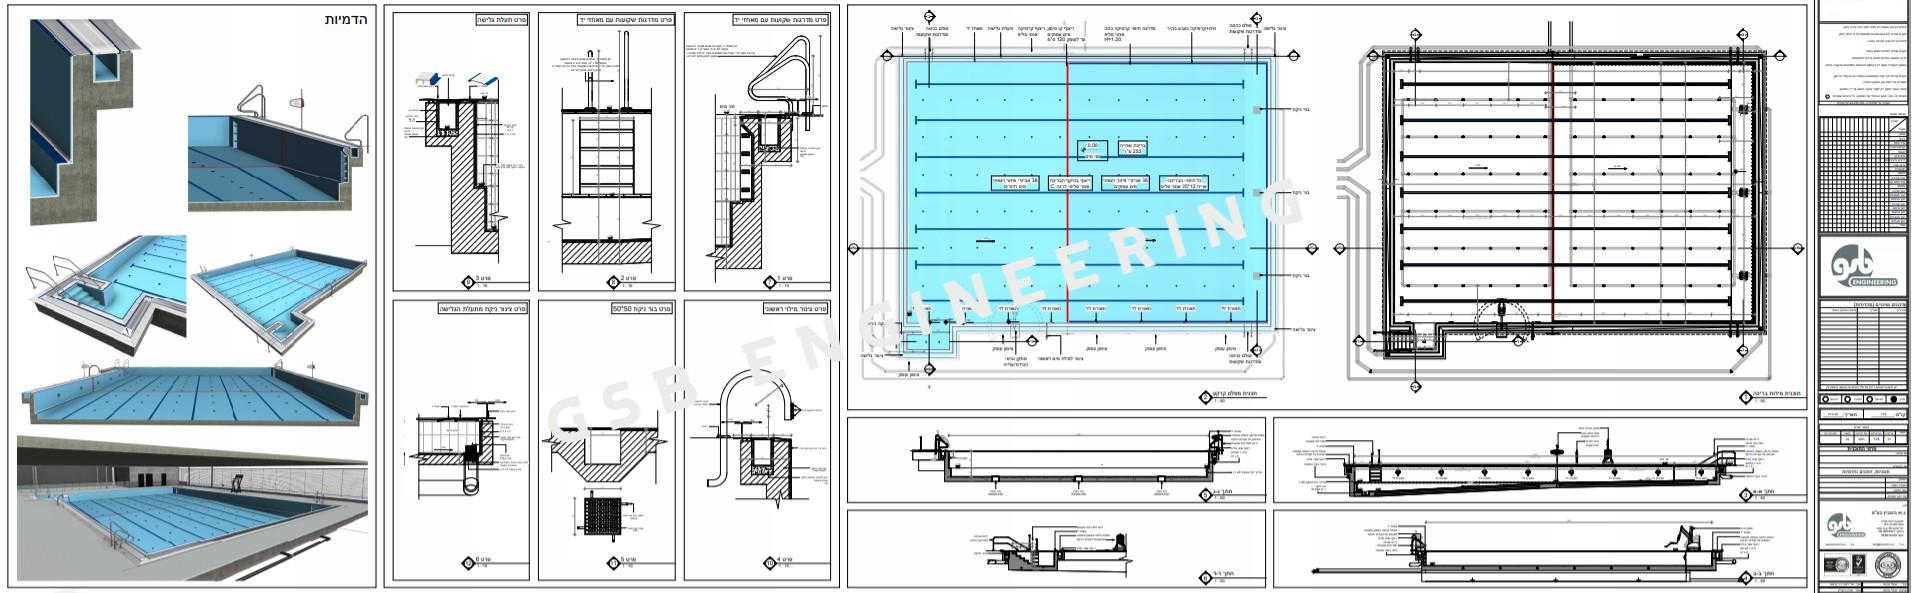 """תכנון בריכת שחייה חצי אולימפית בבסיס צה""""ל בנגב"""